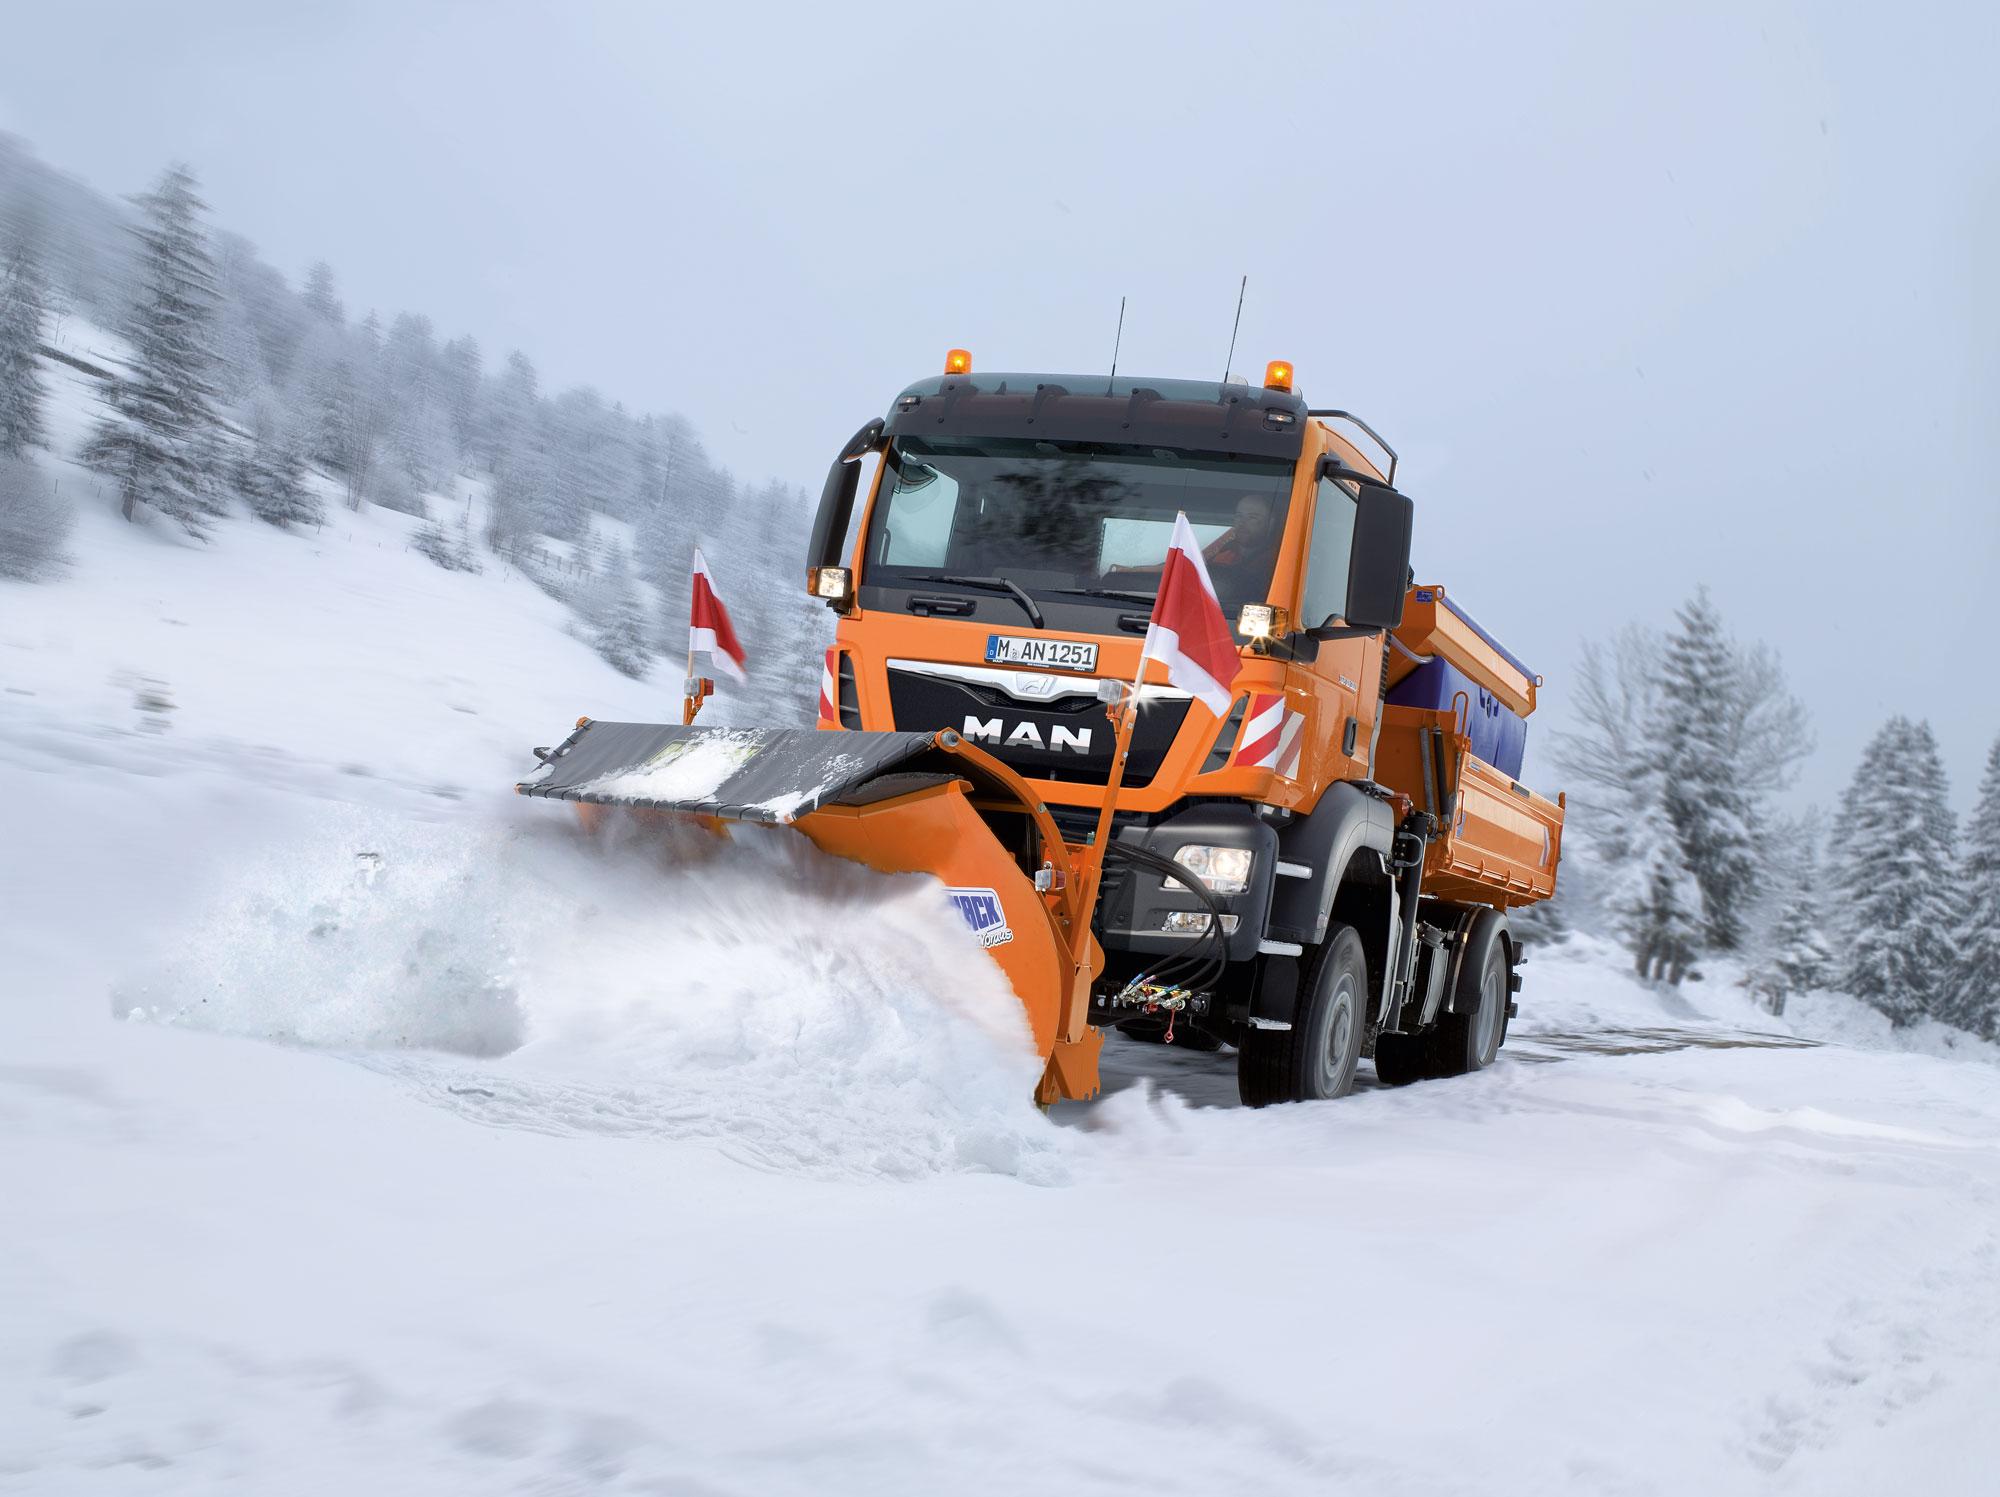 Winterdienst  Fahrsicherheitstraining Winterdienst - kommunalwirtschaft.eu